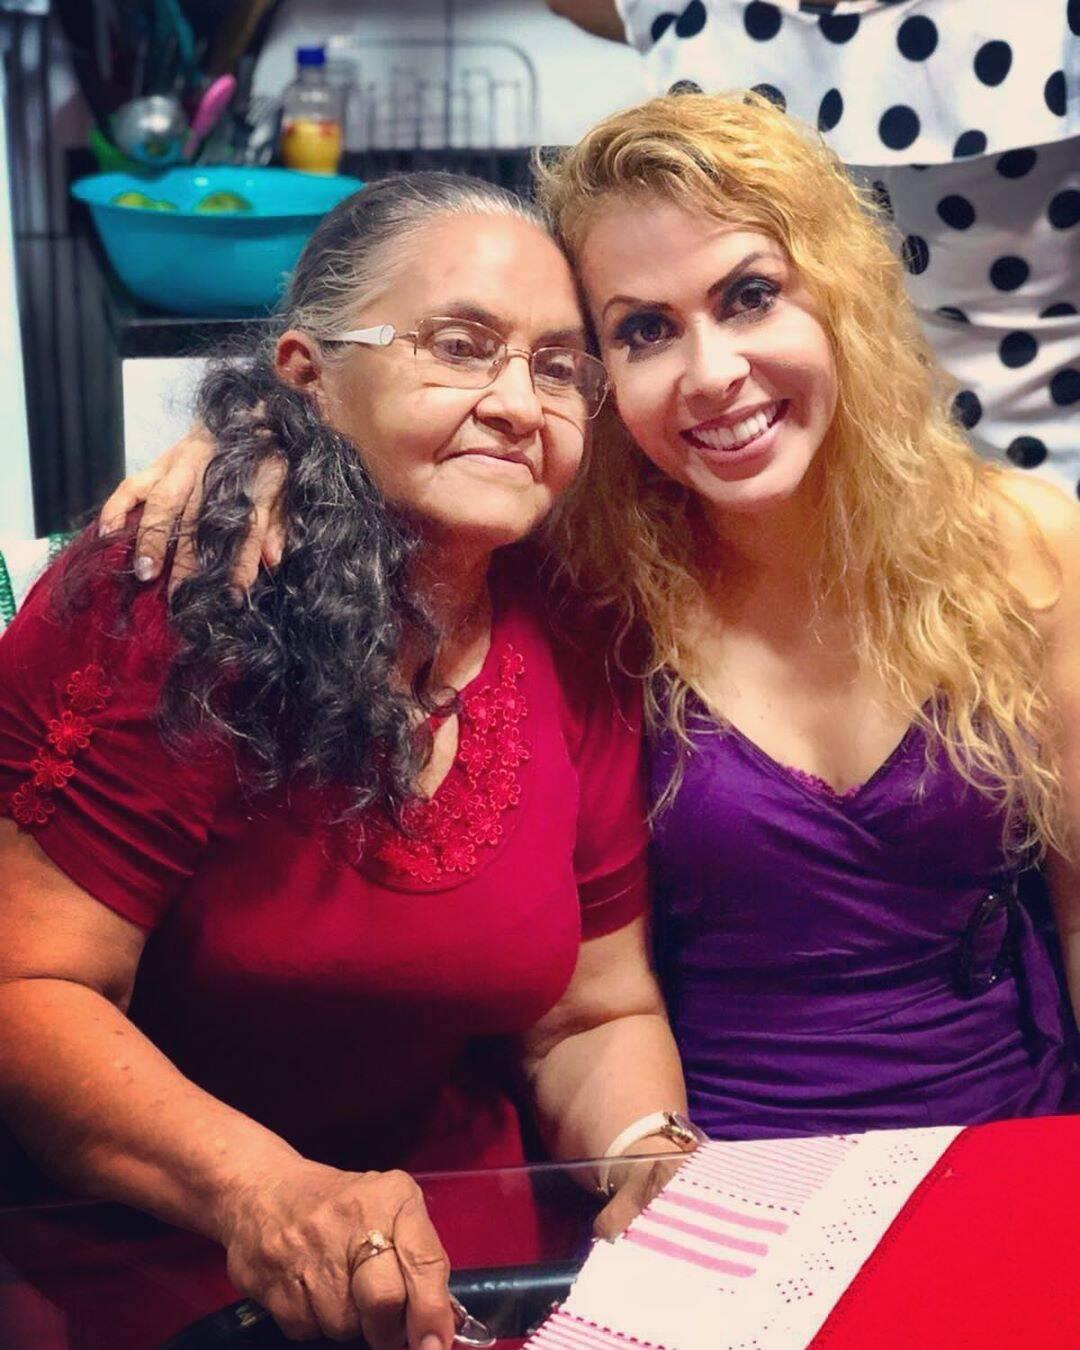 Famosas comemoram Dia das Mães em grande estilo. Foto: Reprodução / Instagram